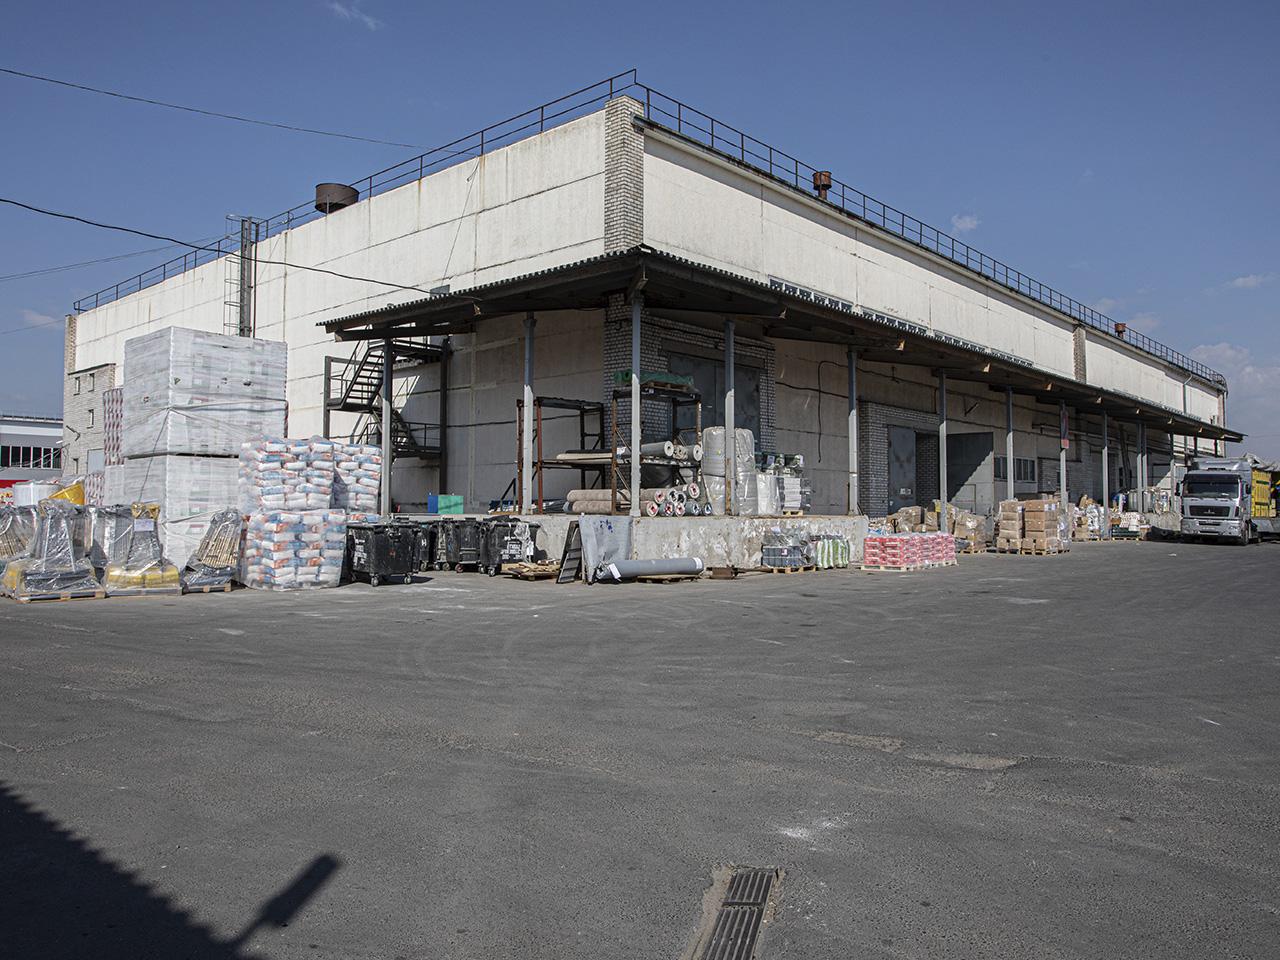 Складской комплекс, Минск, пер.Промышленный 12 3737